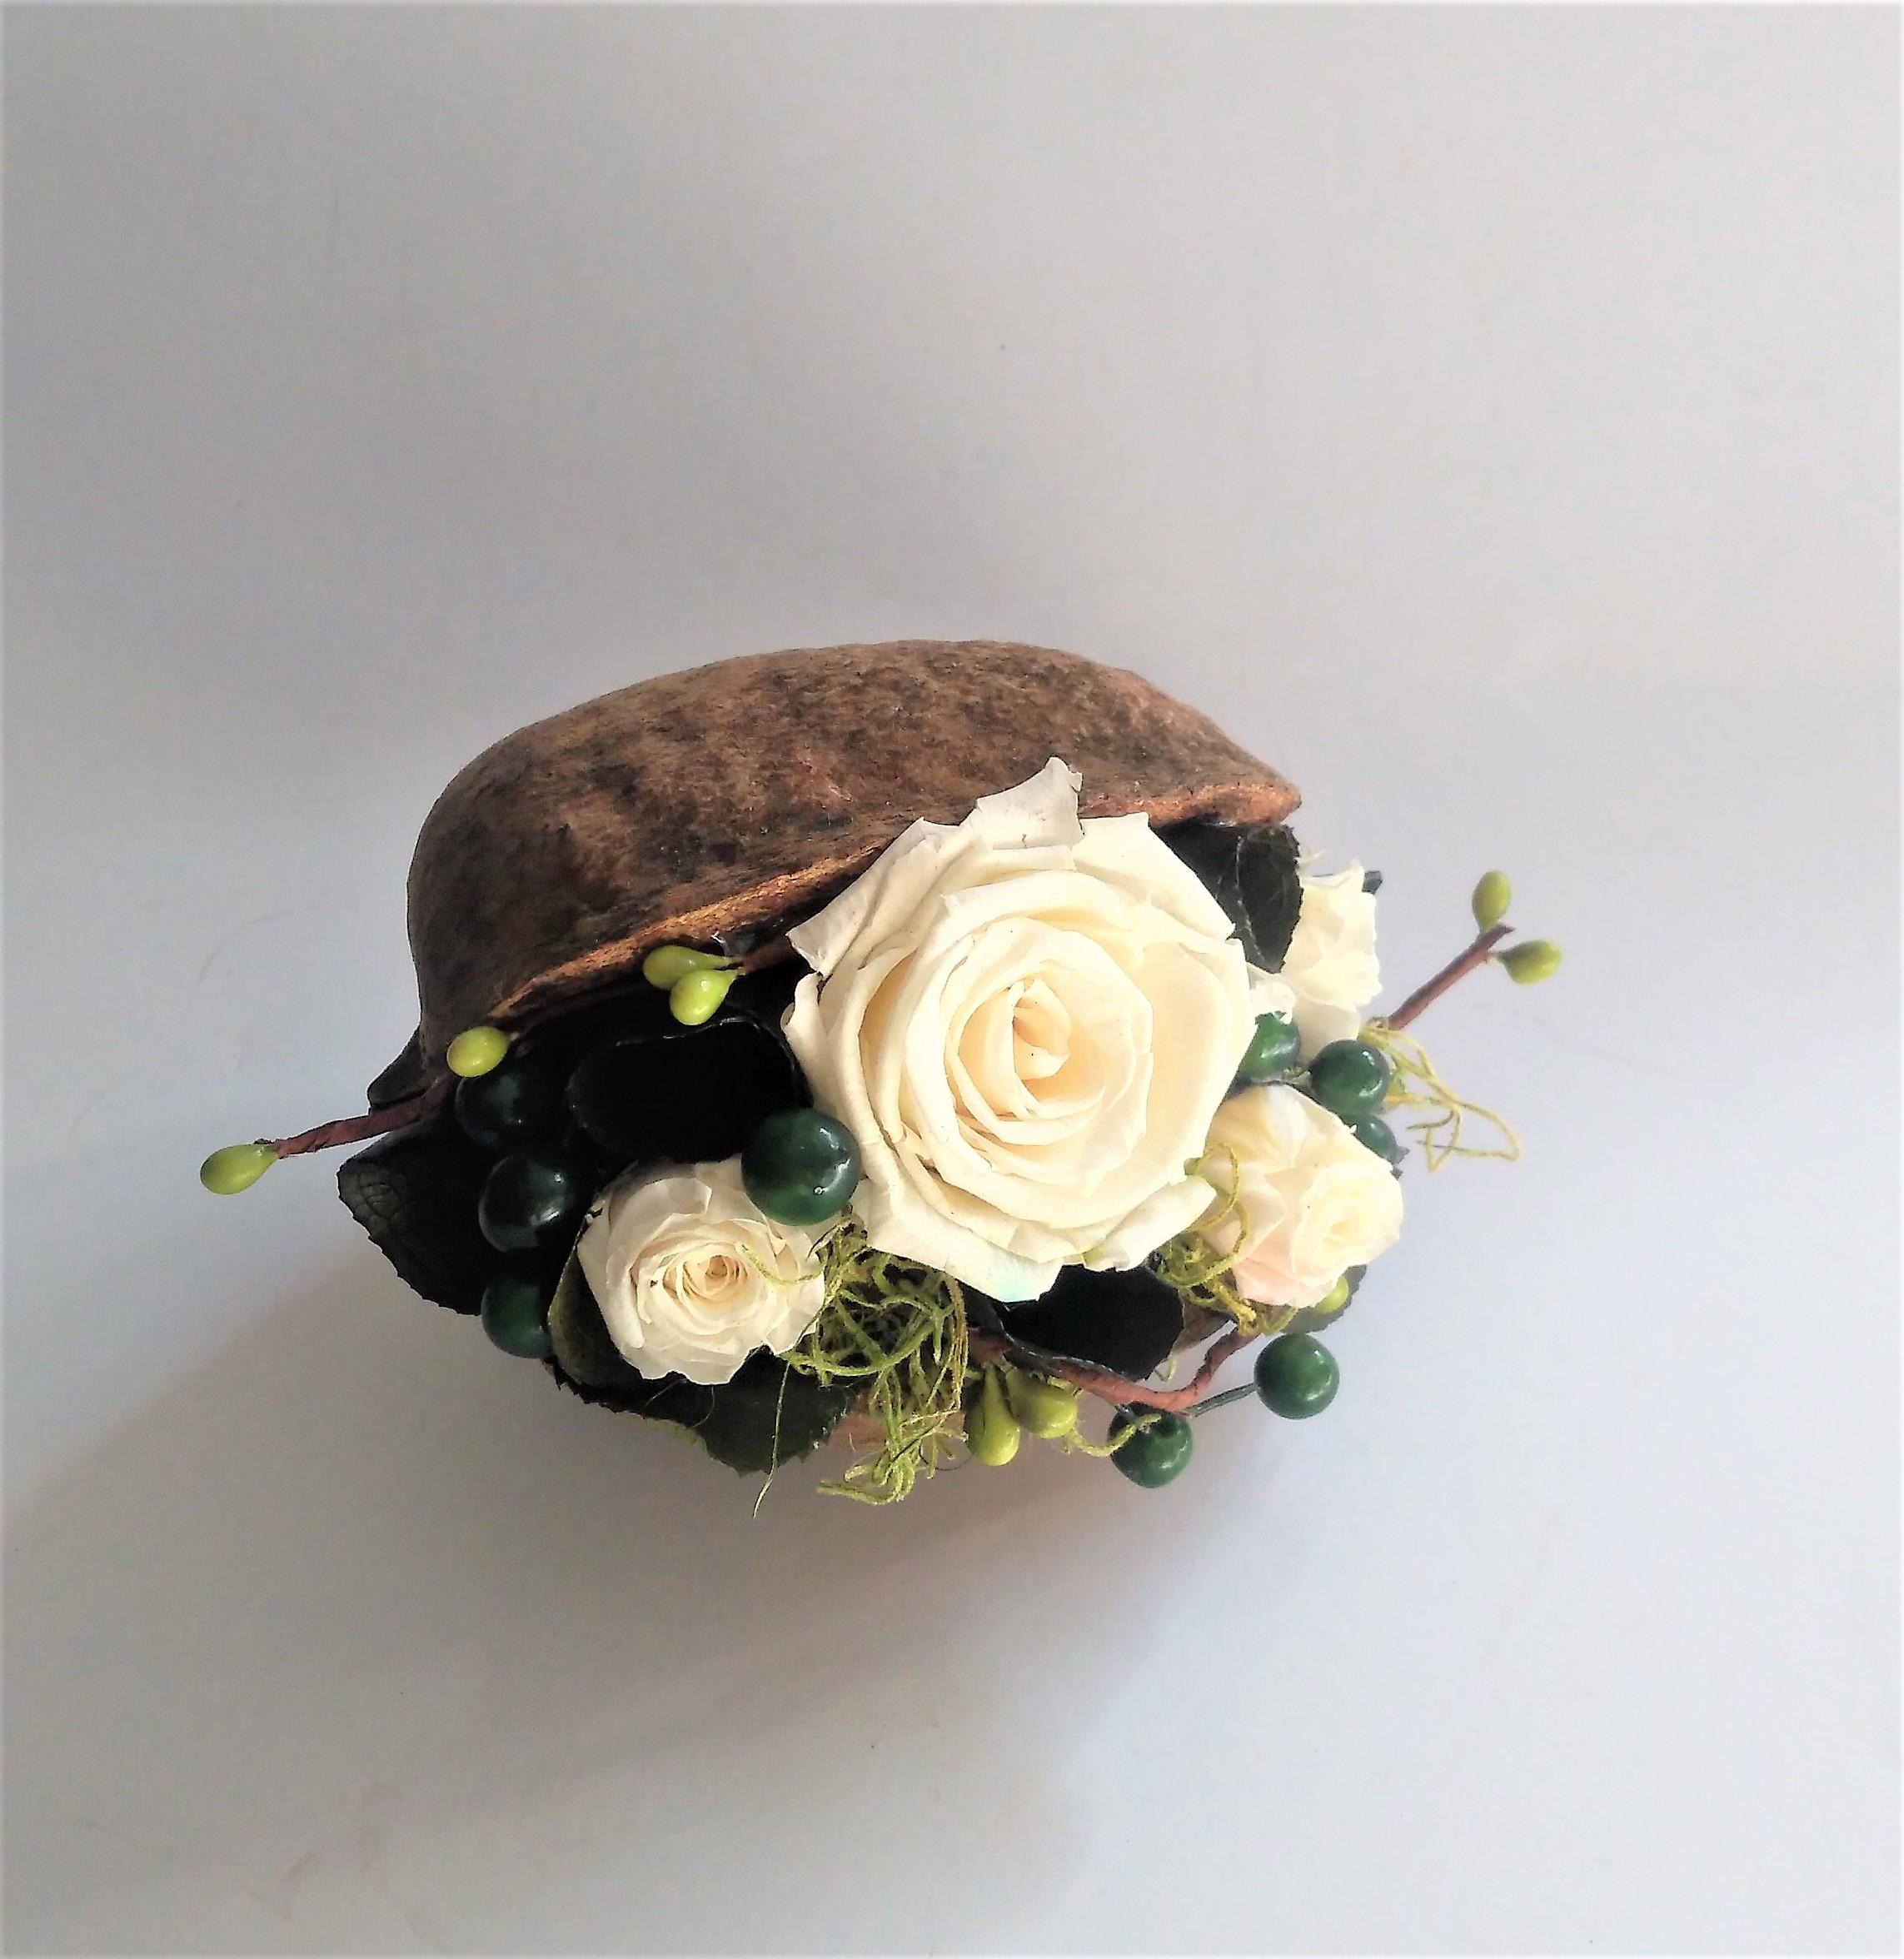 biele balzamované ruže v orechu 15 x 10 cm